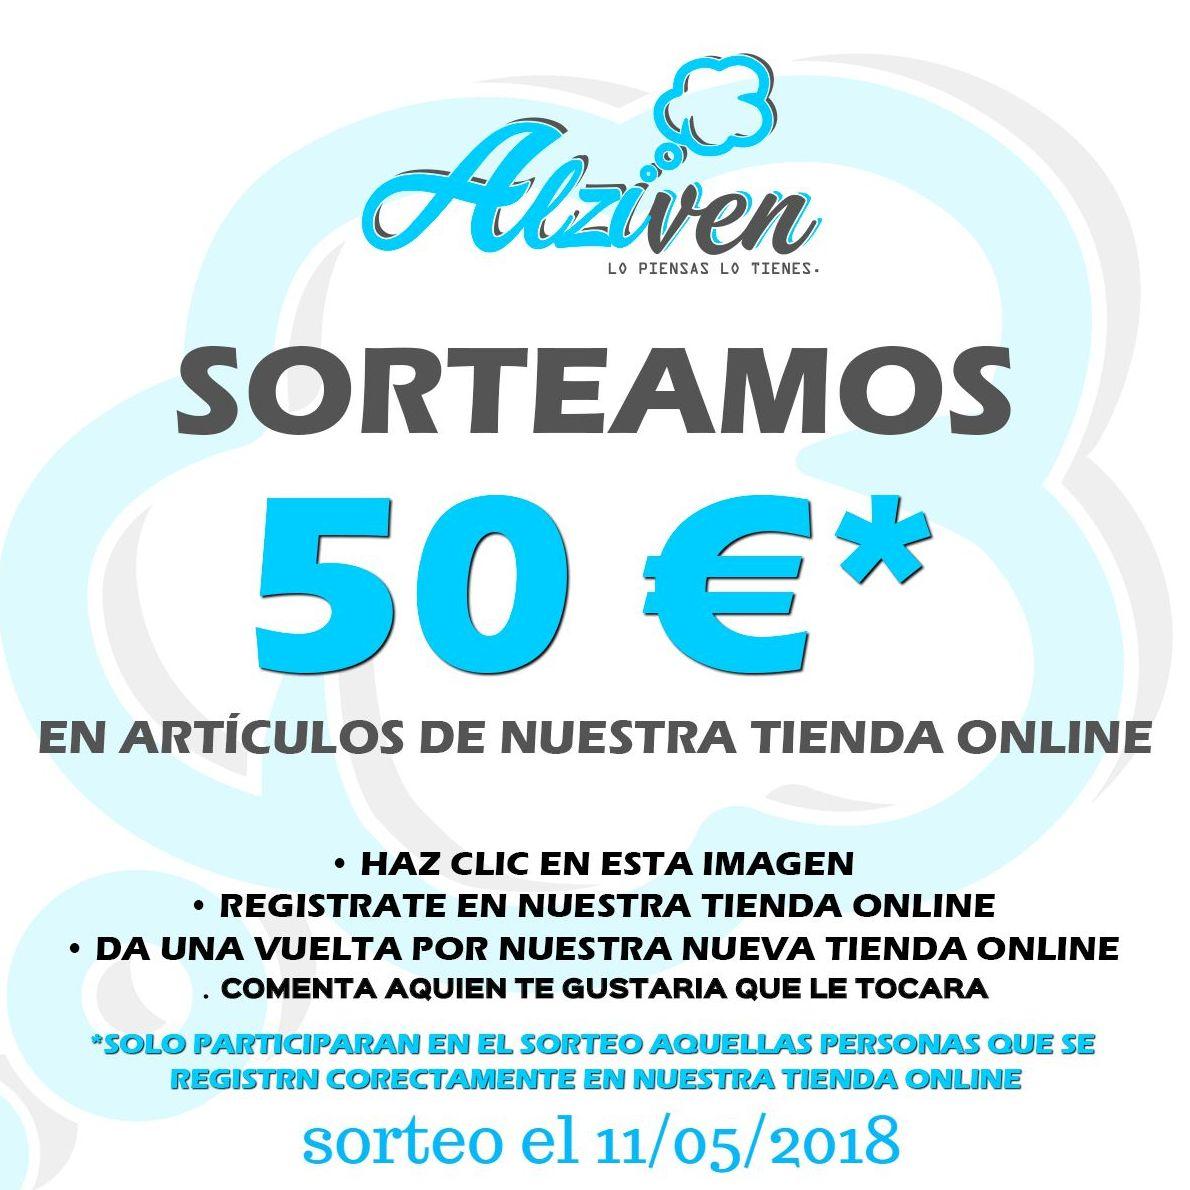 ALZIVEN.COM: Servicios de Alziservicios